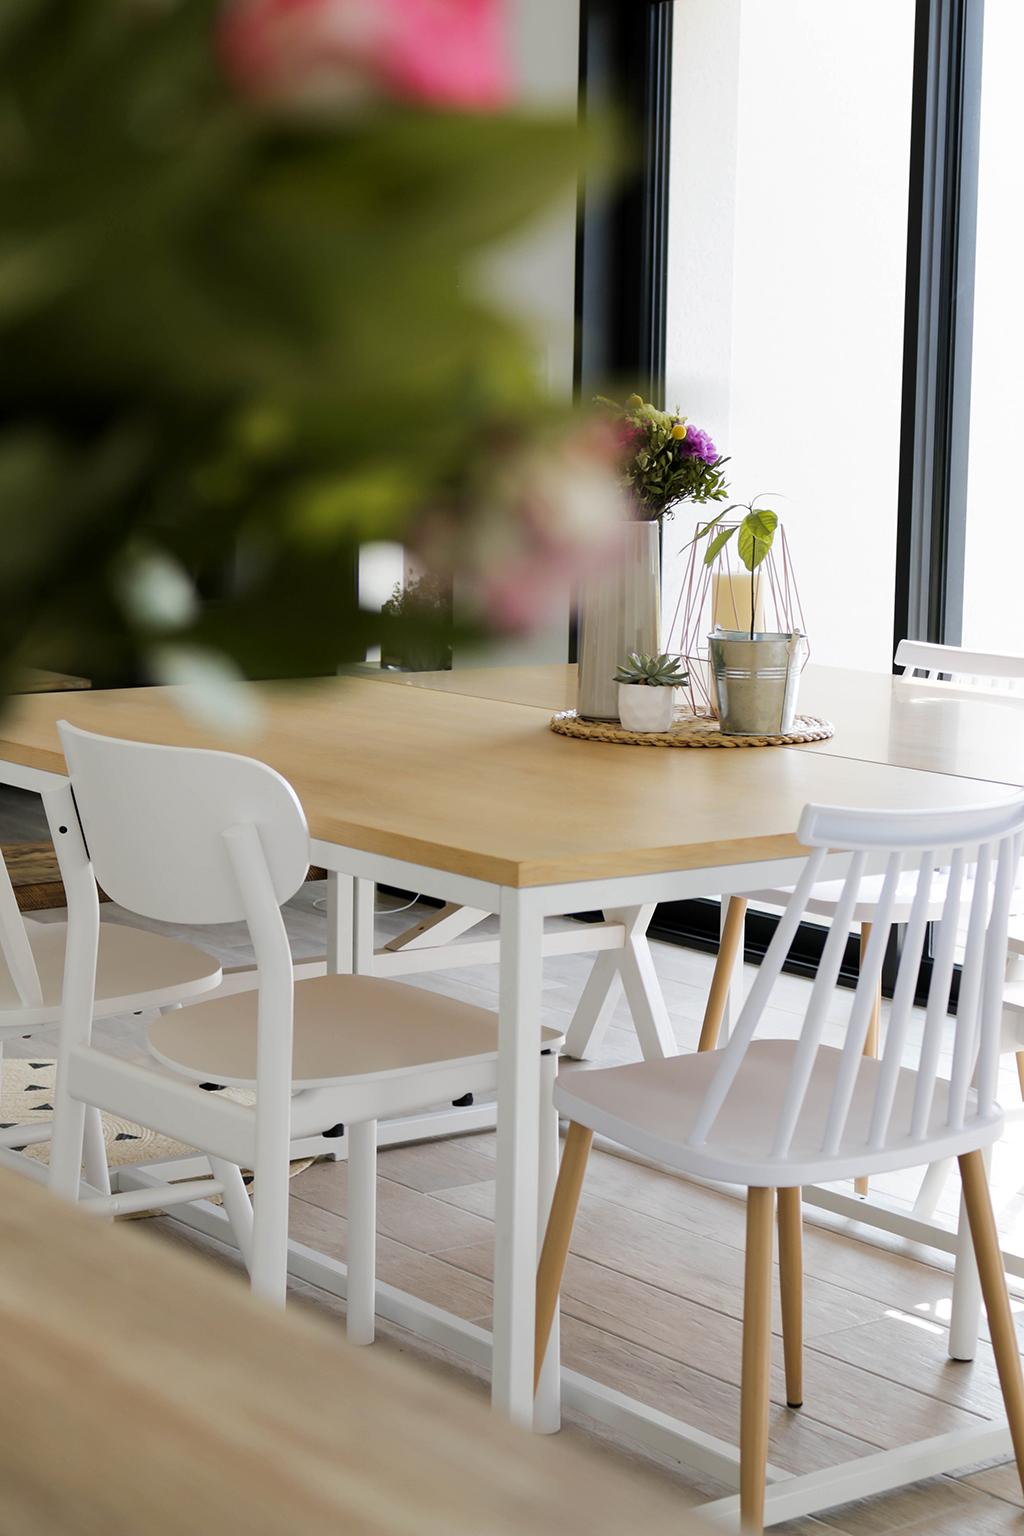 tendance d�co : les chaises d�pareill�es - le petit monde d